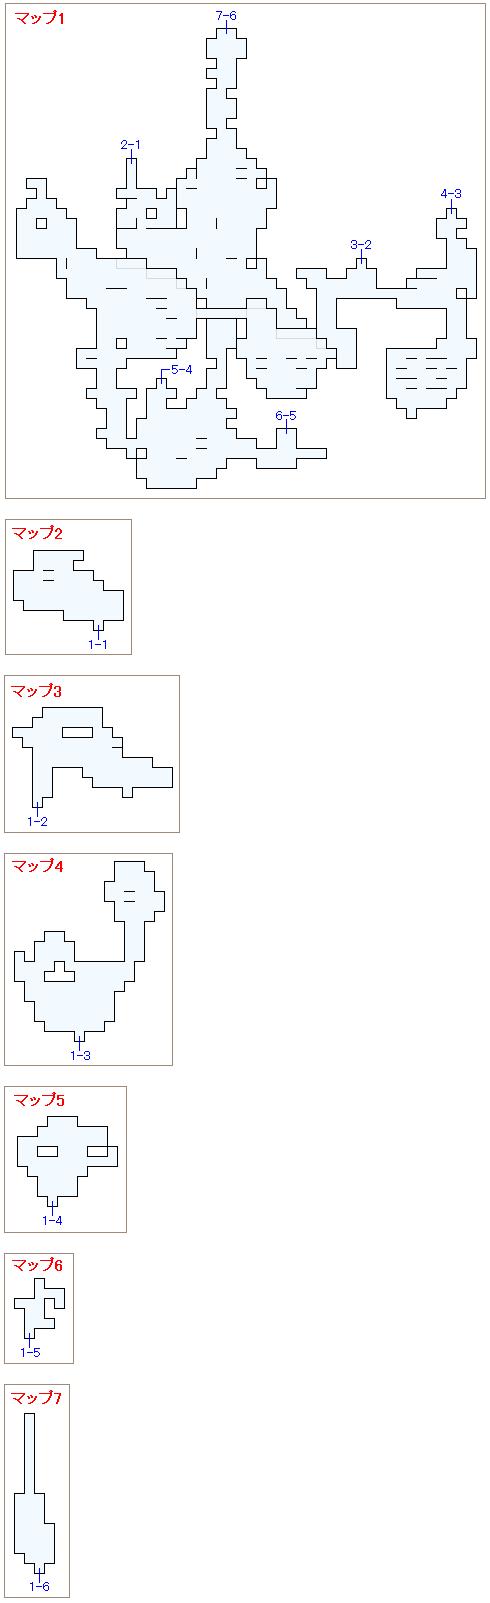 幻獣界のマップ画像